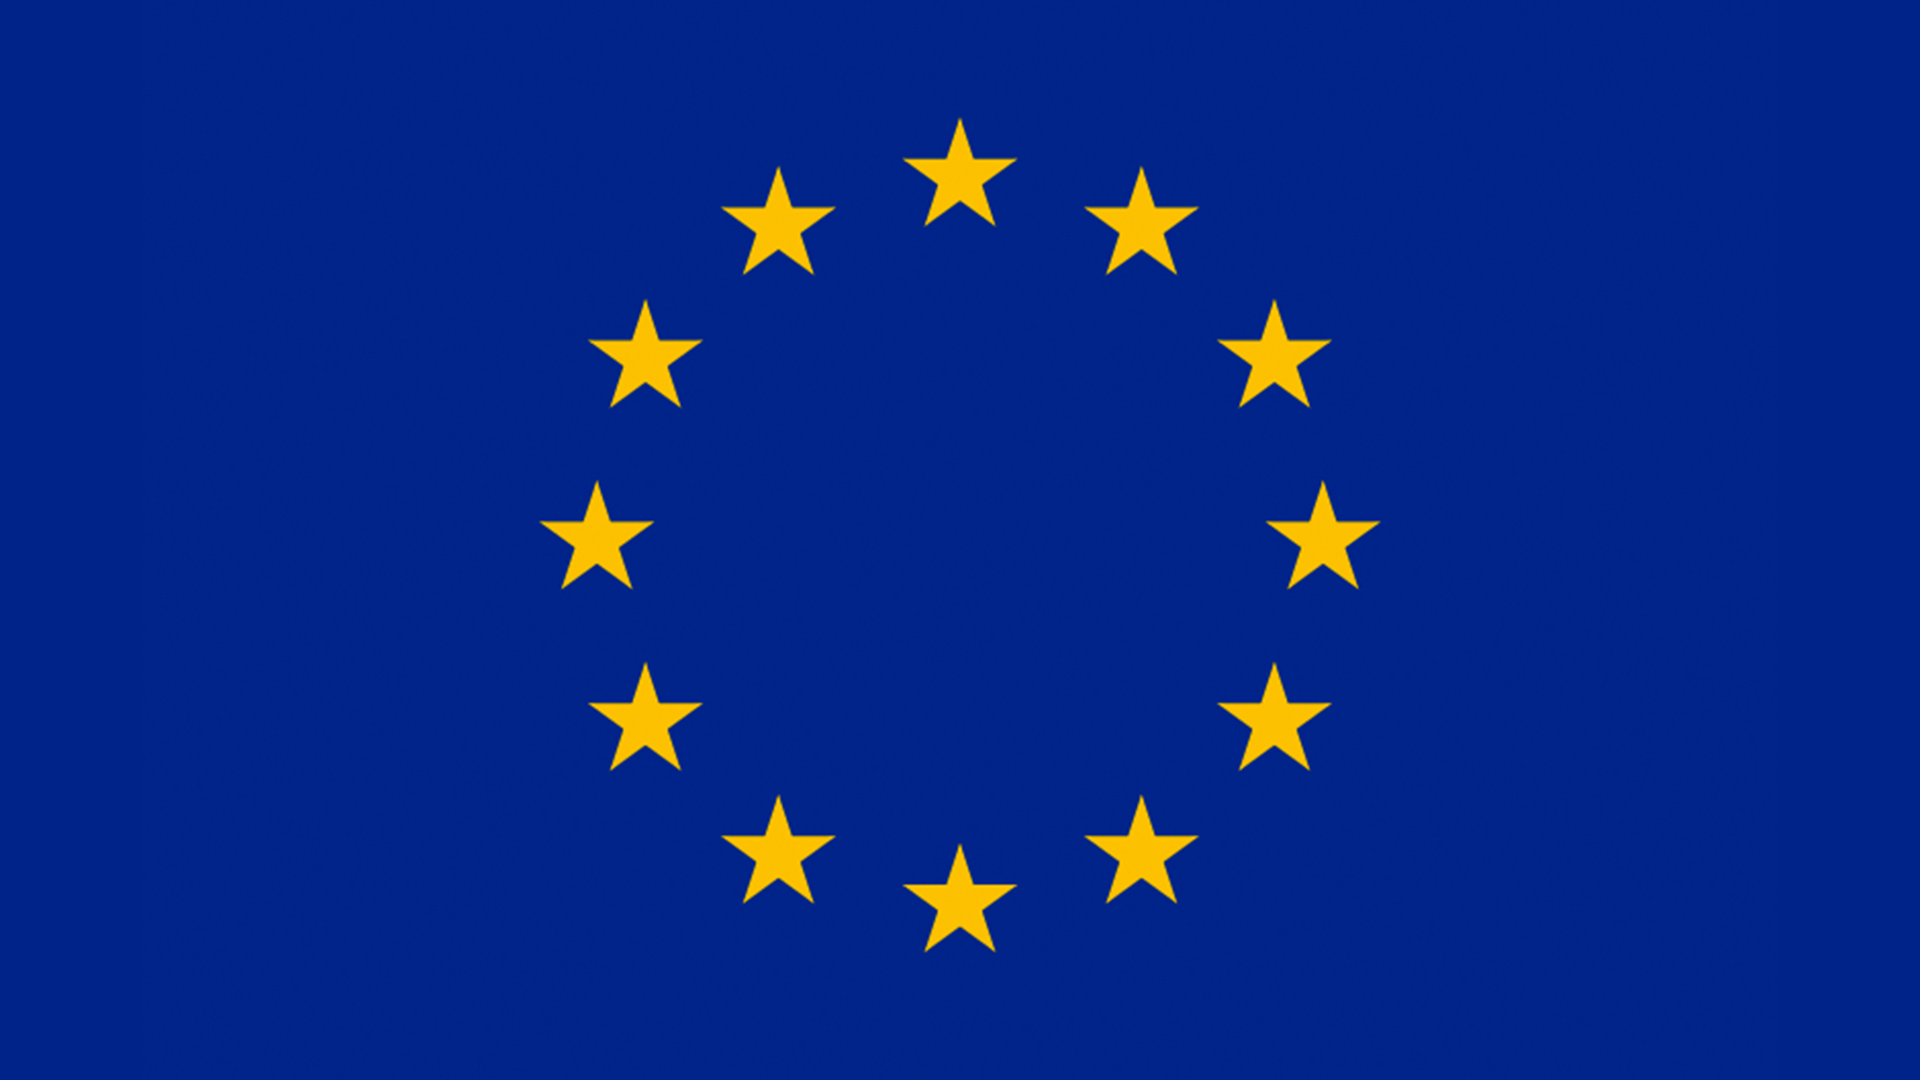 Flag_of_Europe.jpg